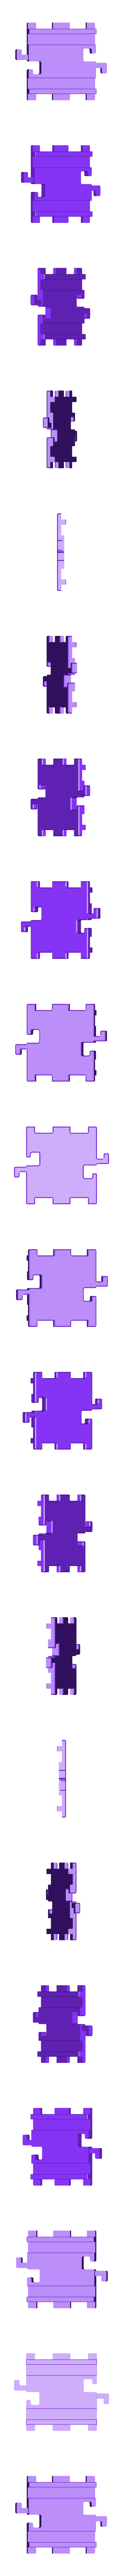 SmallToys-RailStraight1-2.stl Download STL file SmallToys - Starter Pack • 3D printer model, Wabby